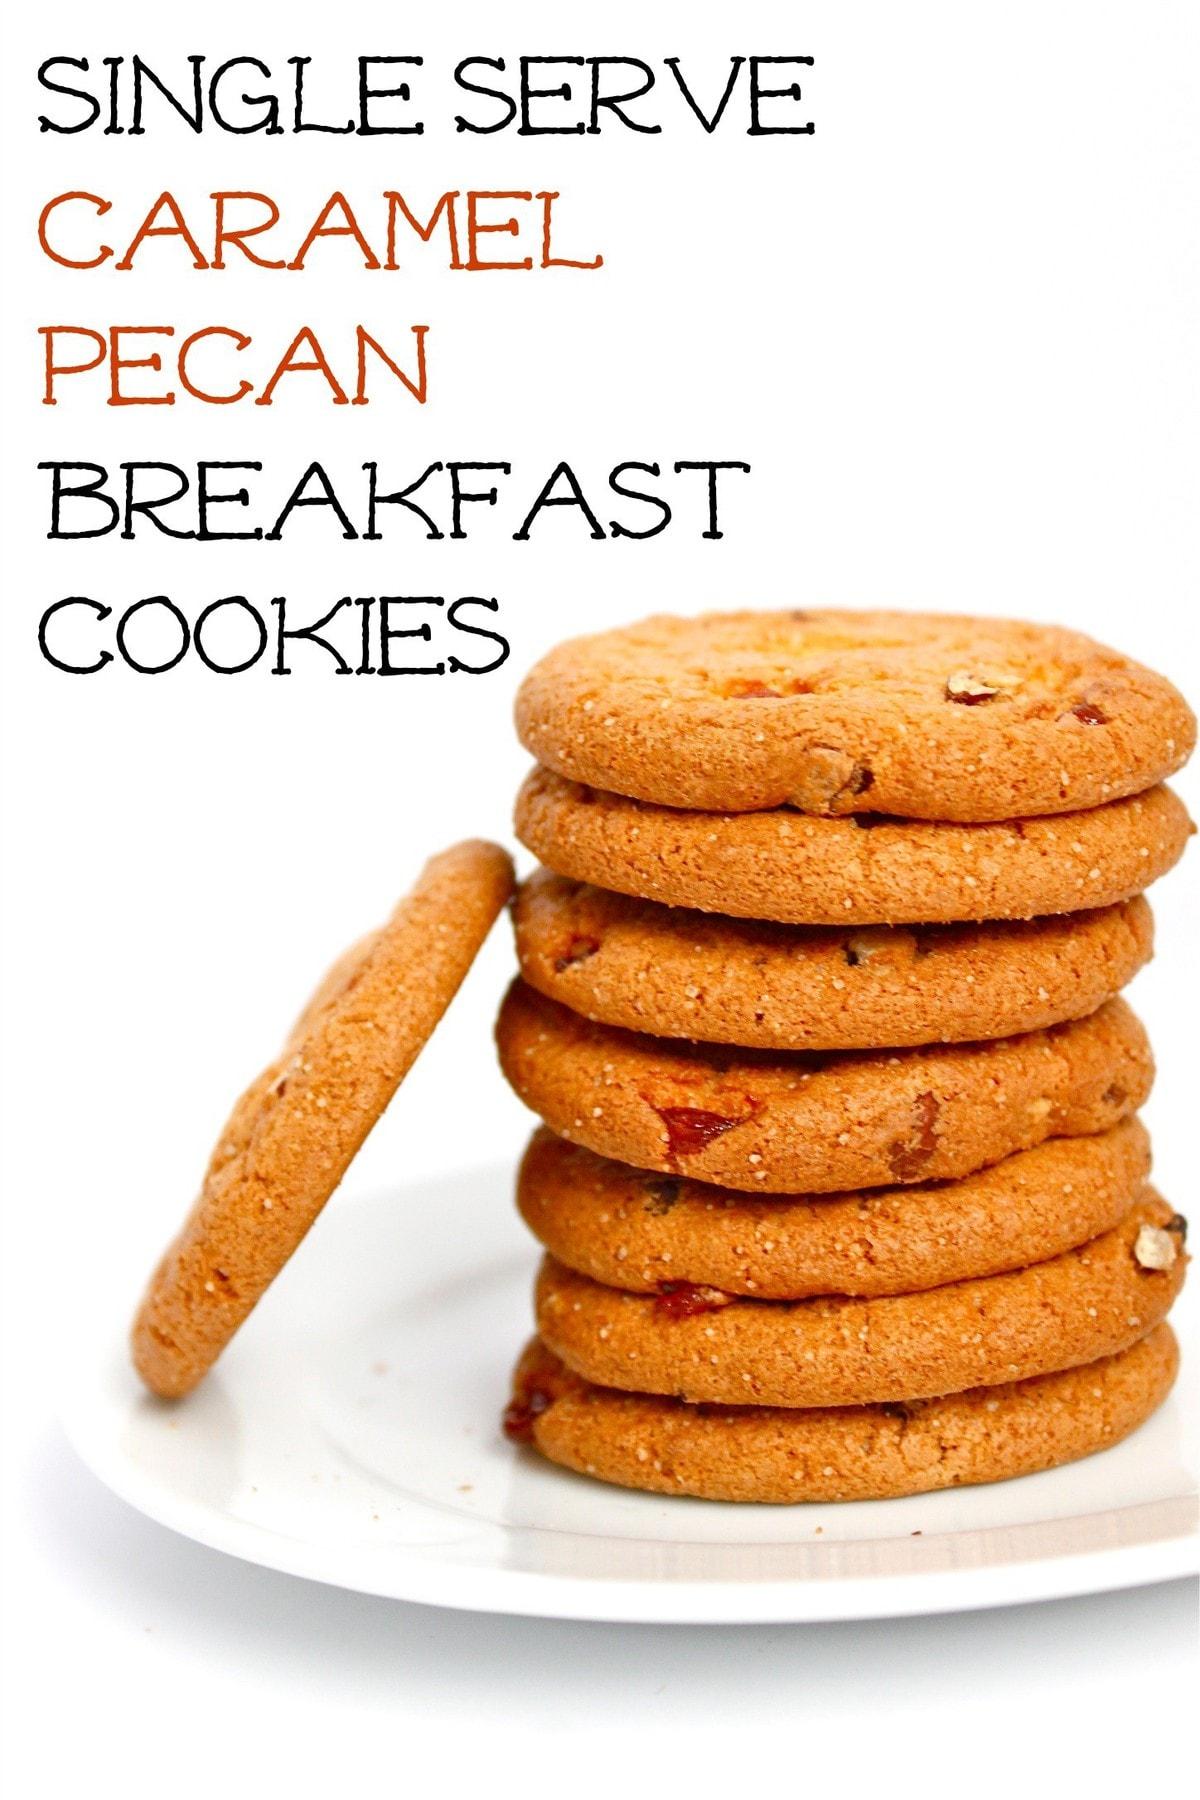 caramel_pecan_cookies